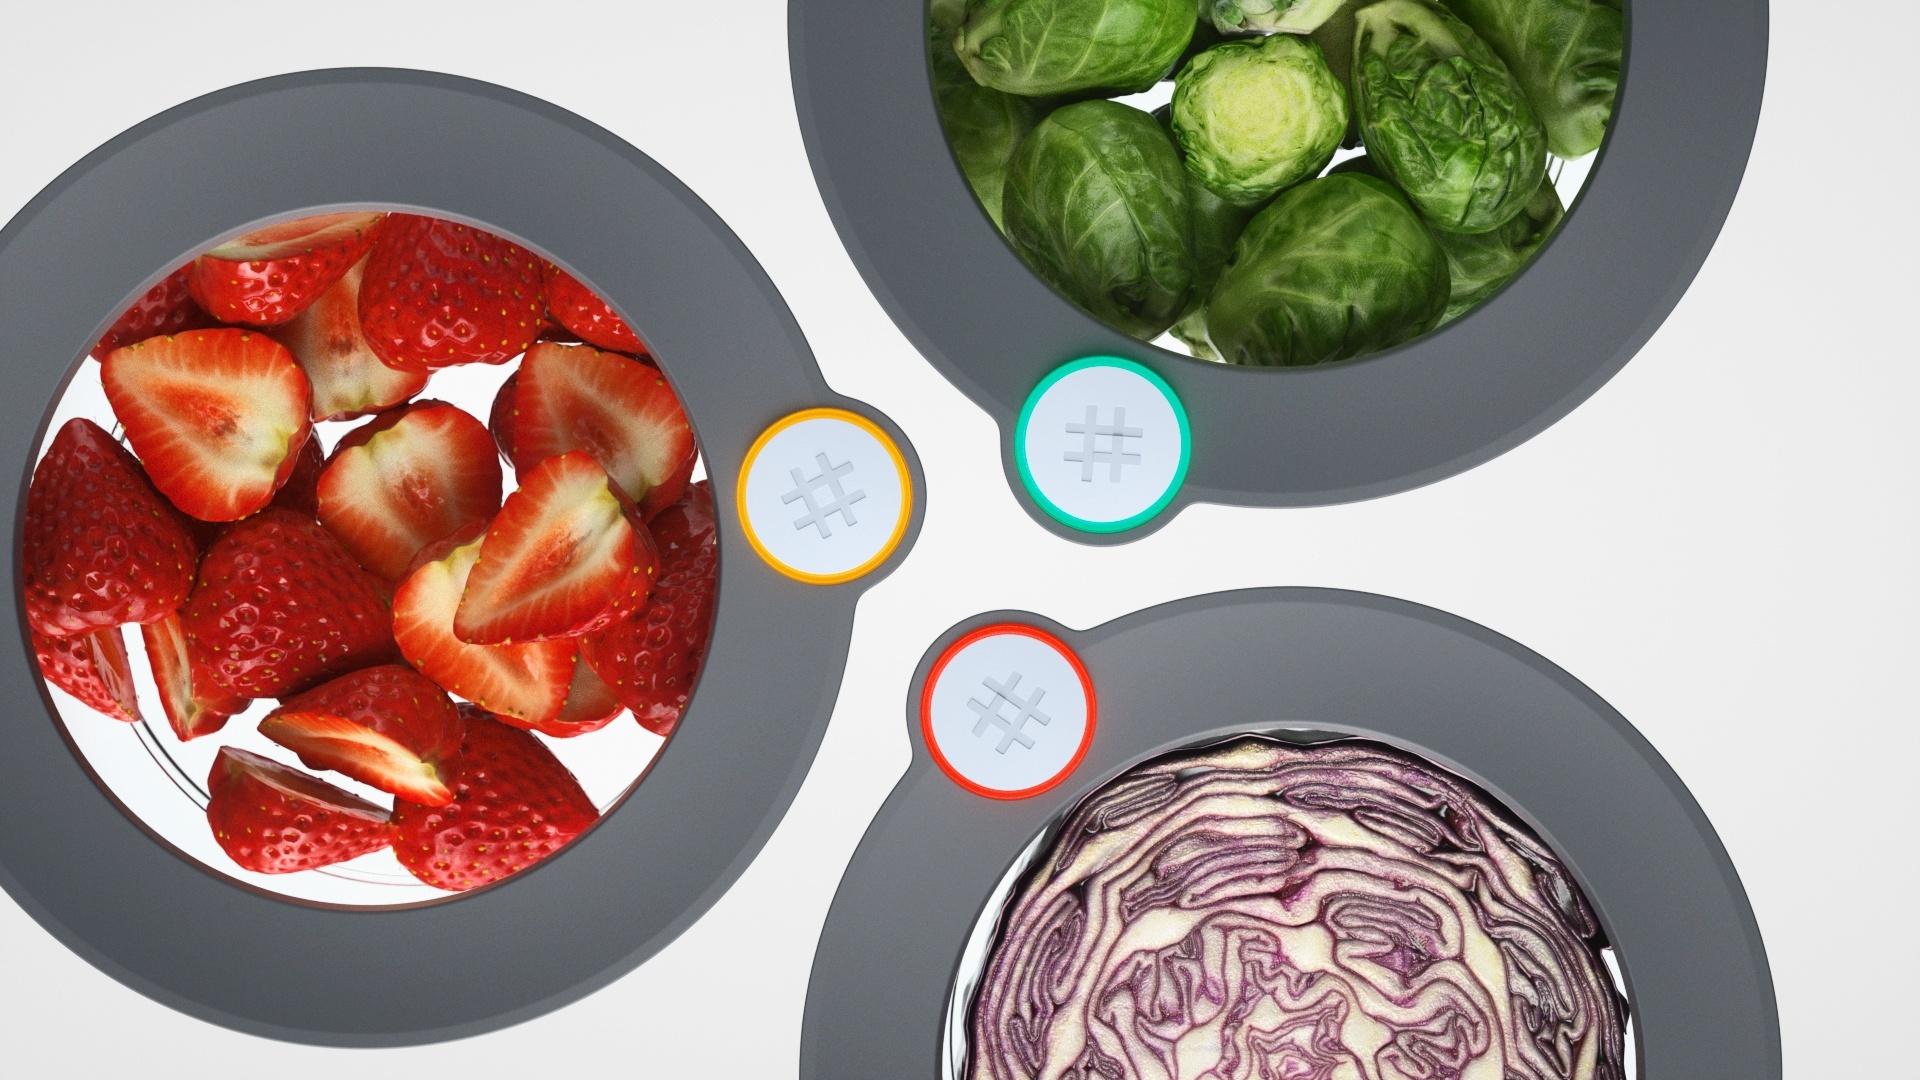 Επιχειρηματικές ιδέες: Η έξυπνη ταμπέλα ειδοποίησης για την ημερομηνία λήξης των τροφίμων.